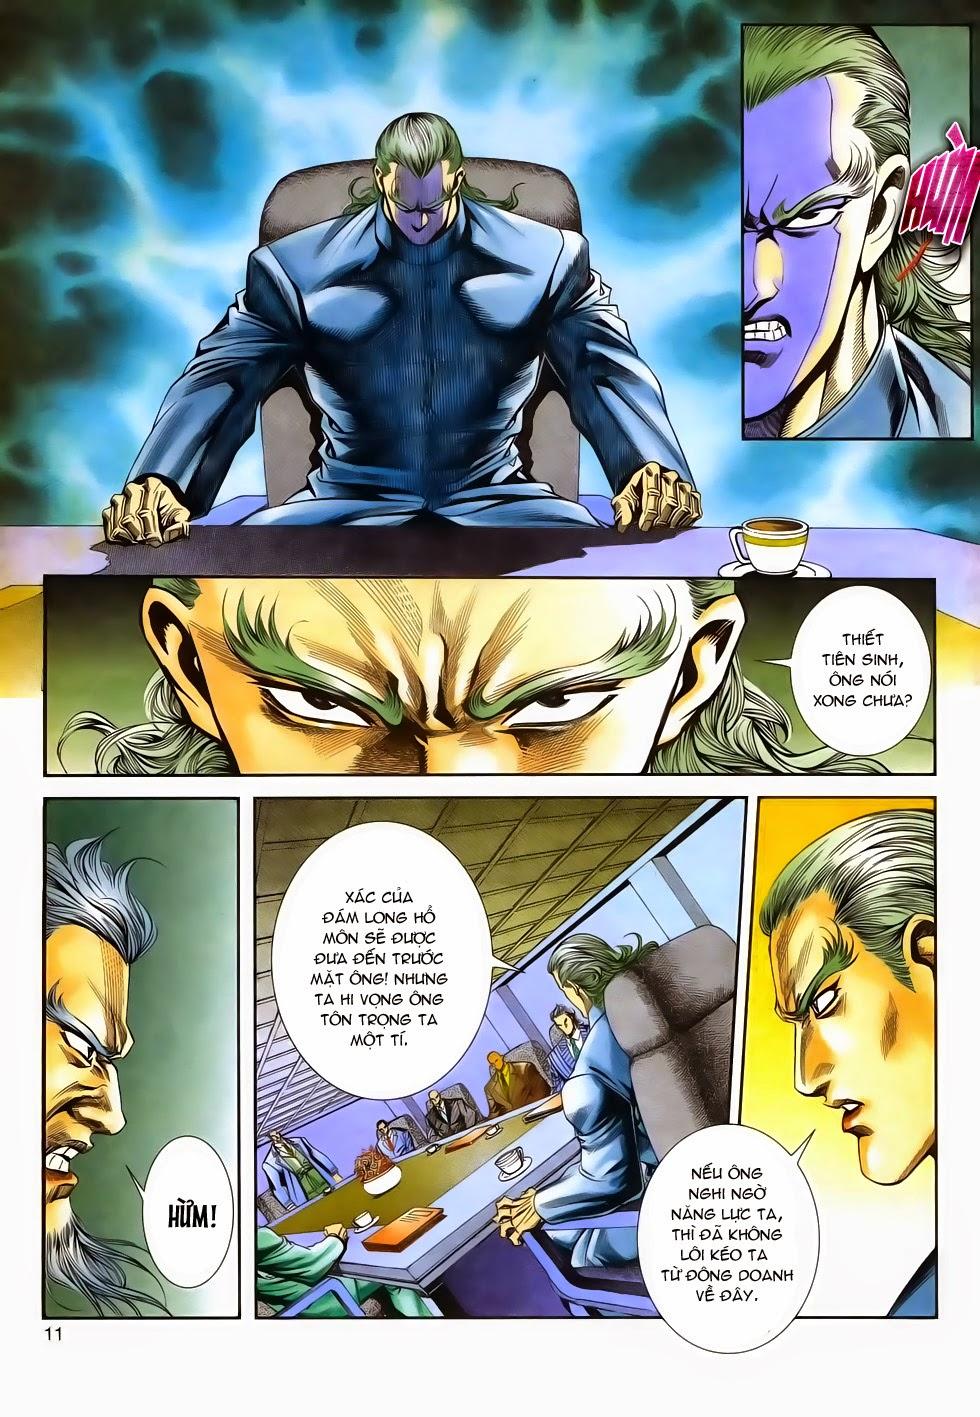 Long Hổ Phong Bạo chap 3 - Trang 11